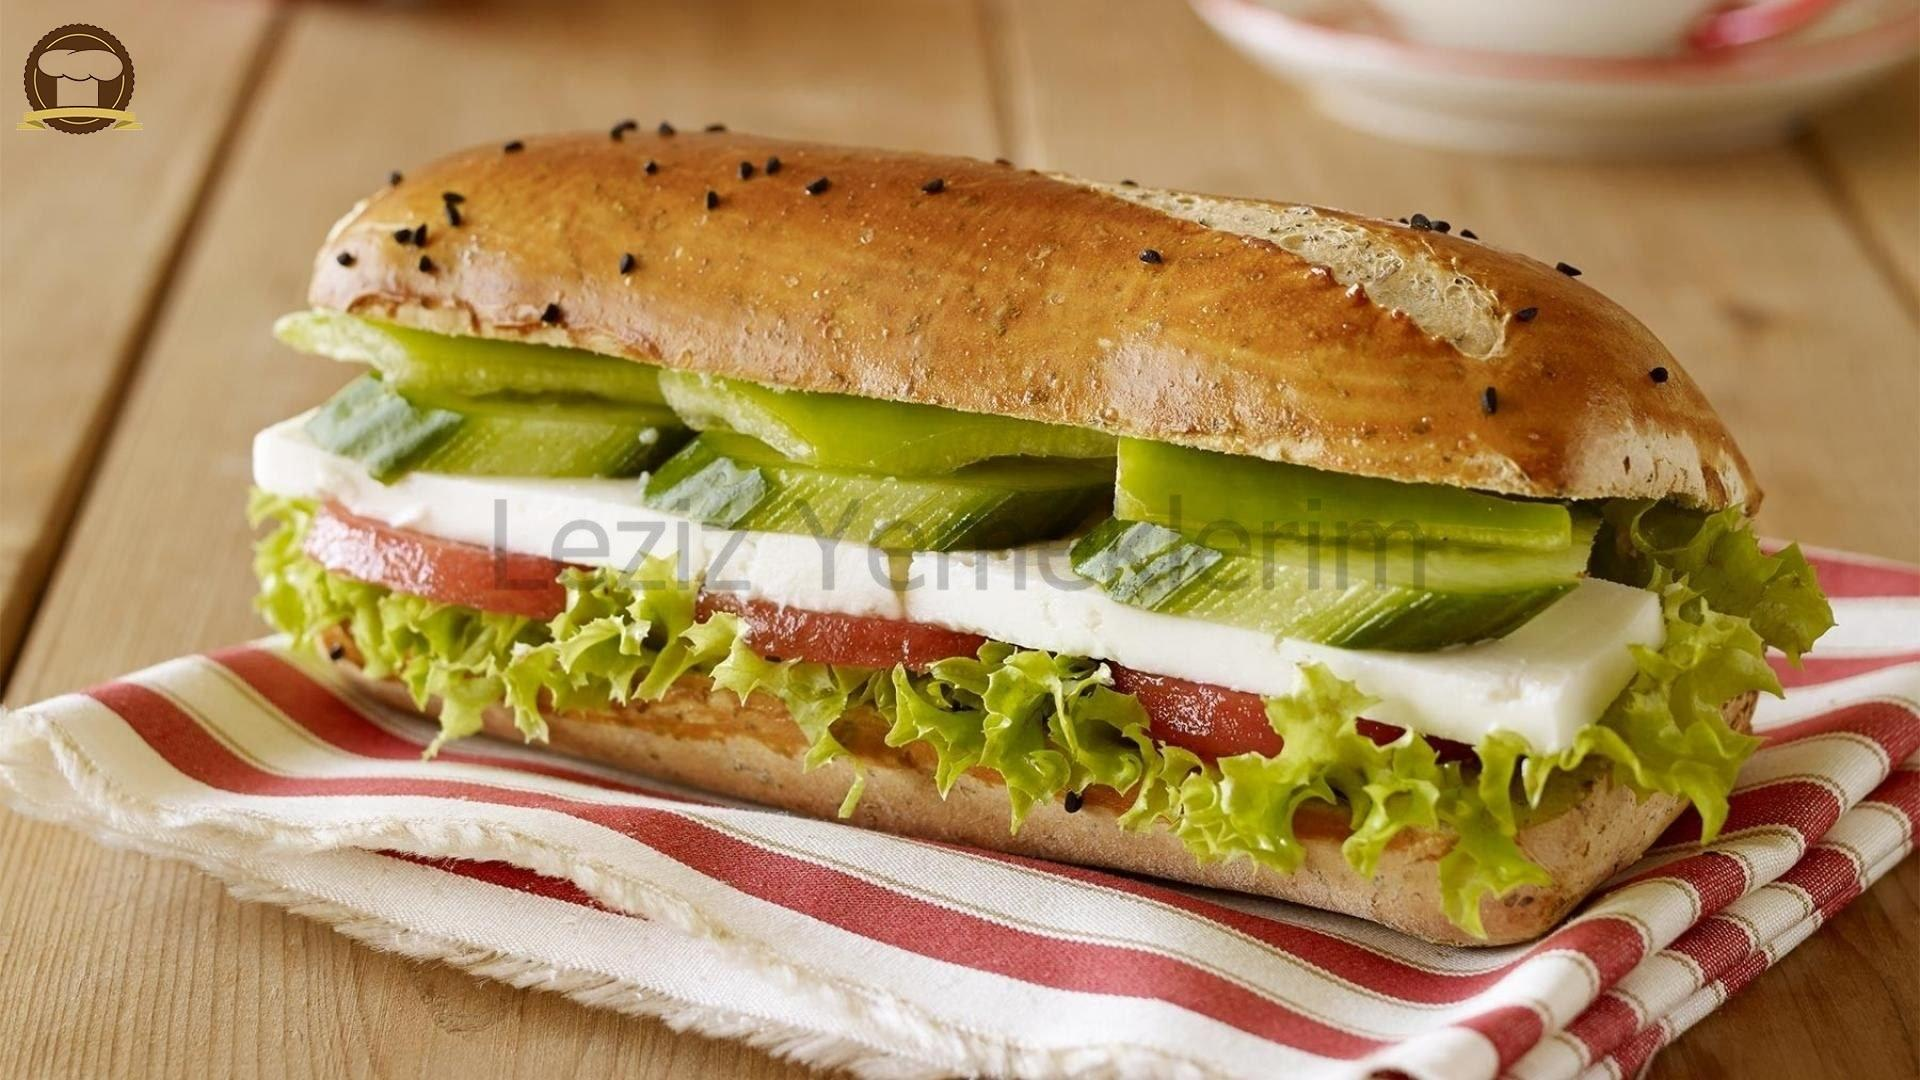 Evde Pratik Sandviç Yapımı Tıklayınız